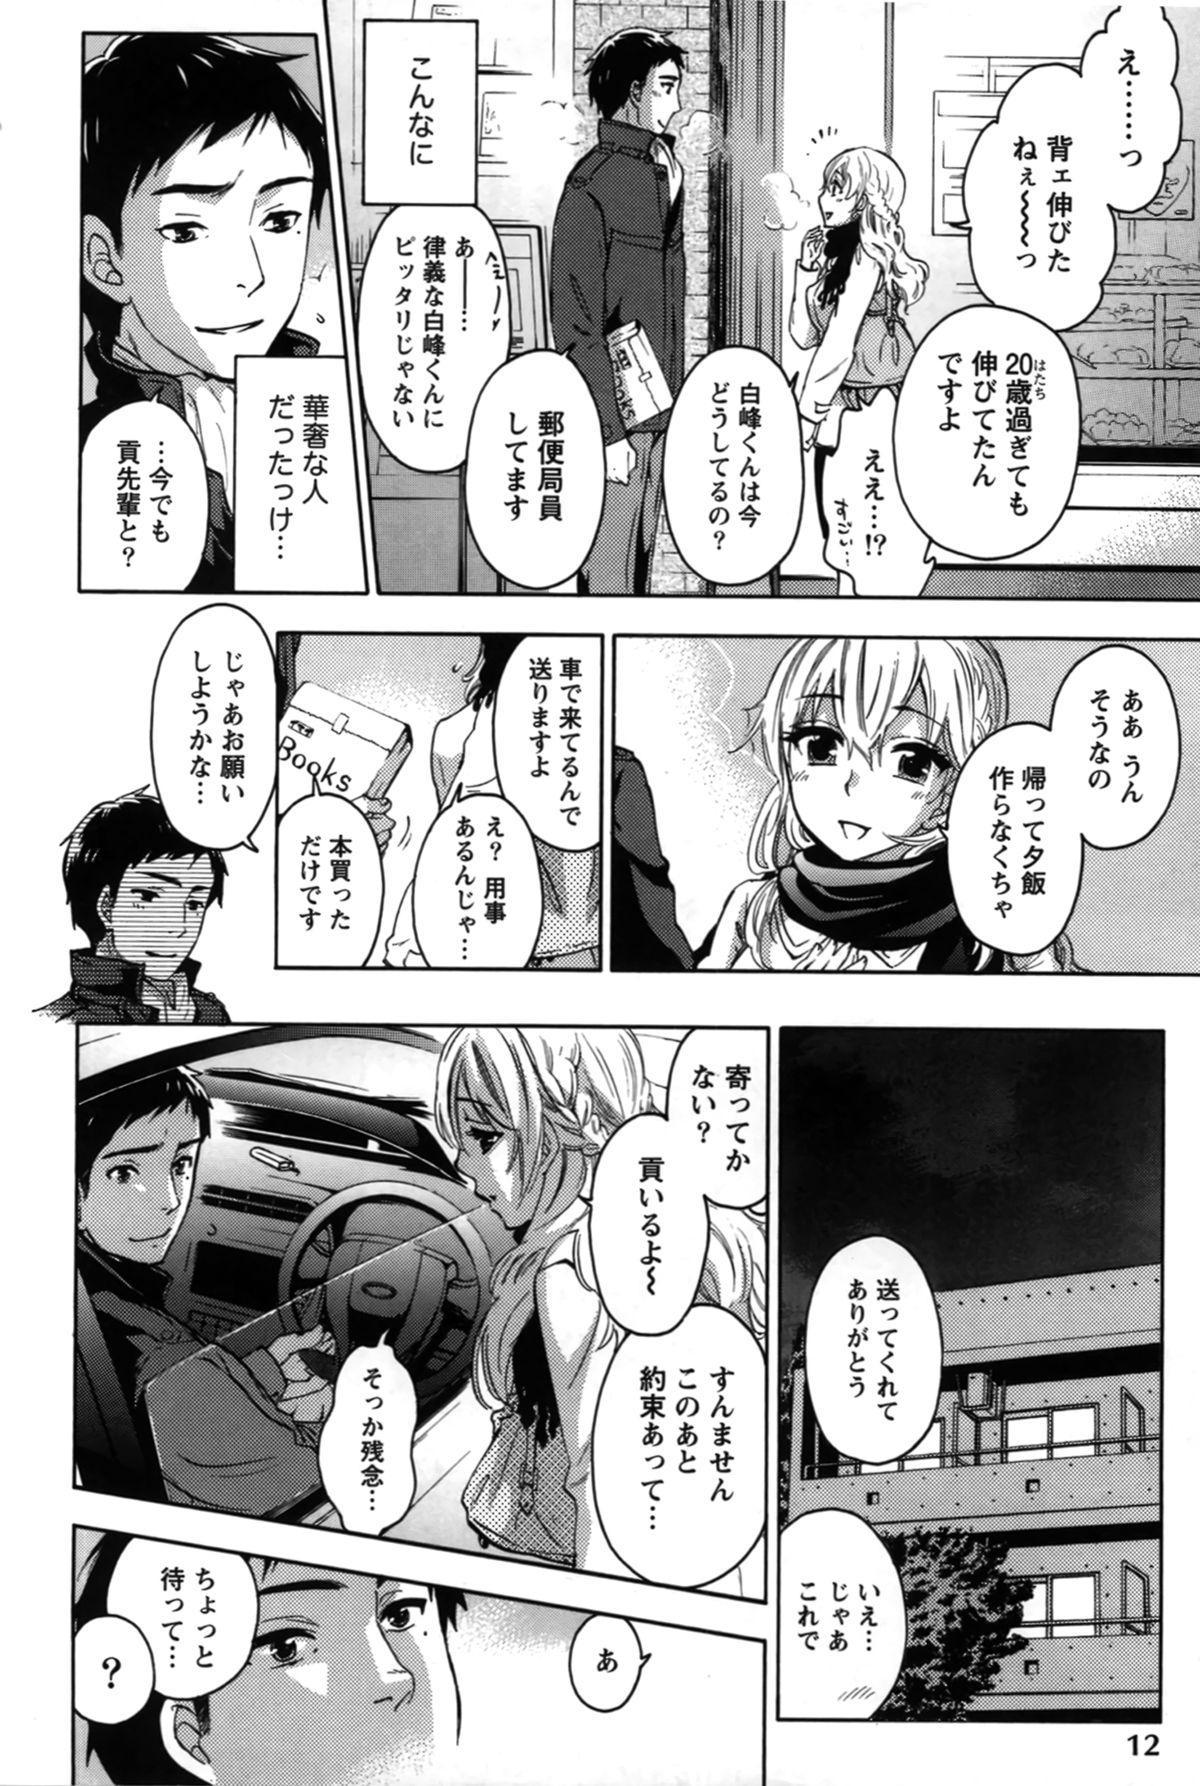 Anata to Watashi wa Warukunai 13